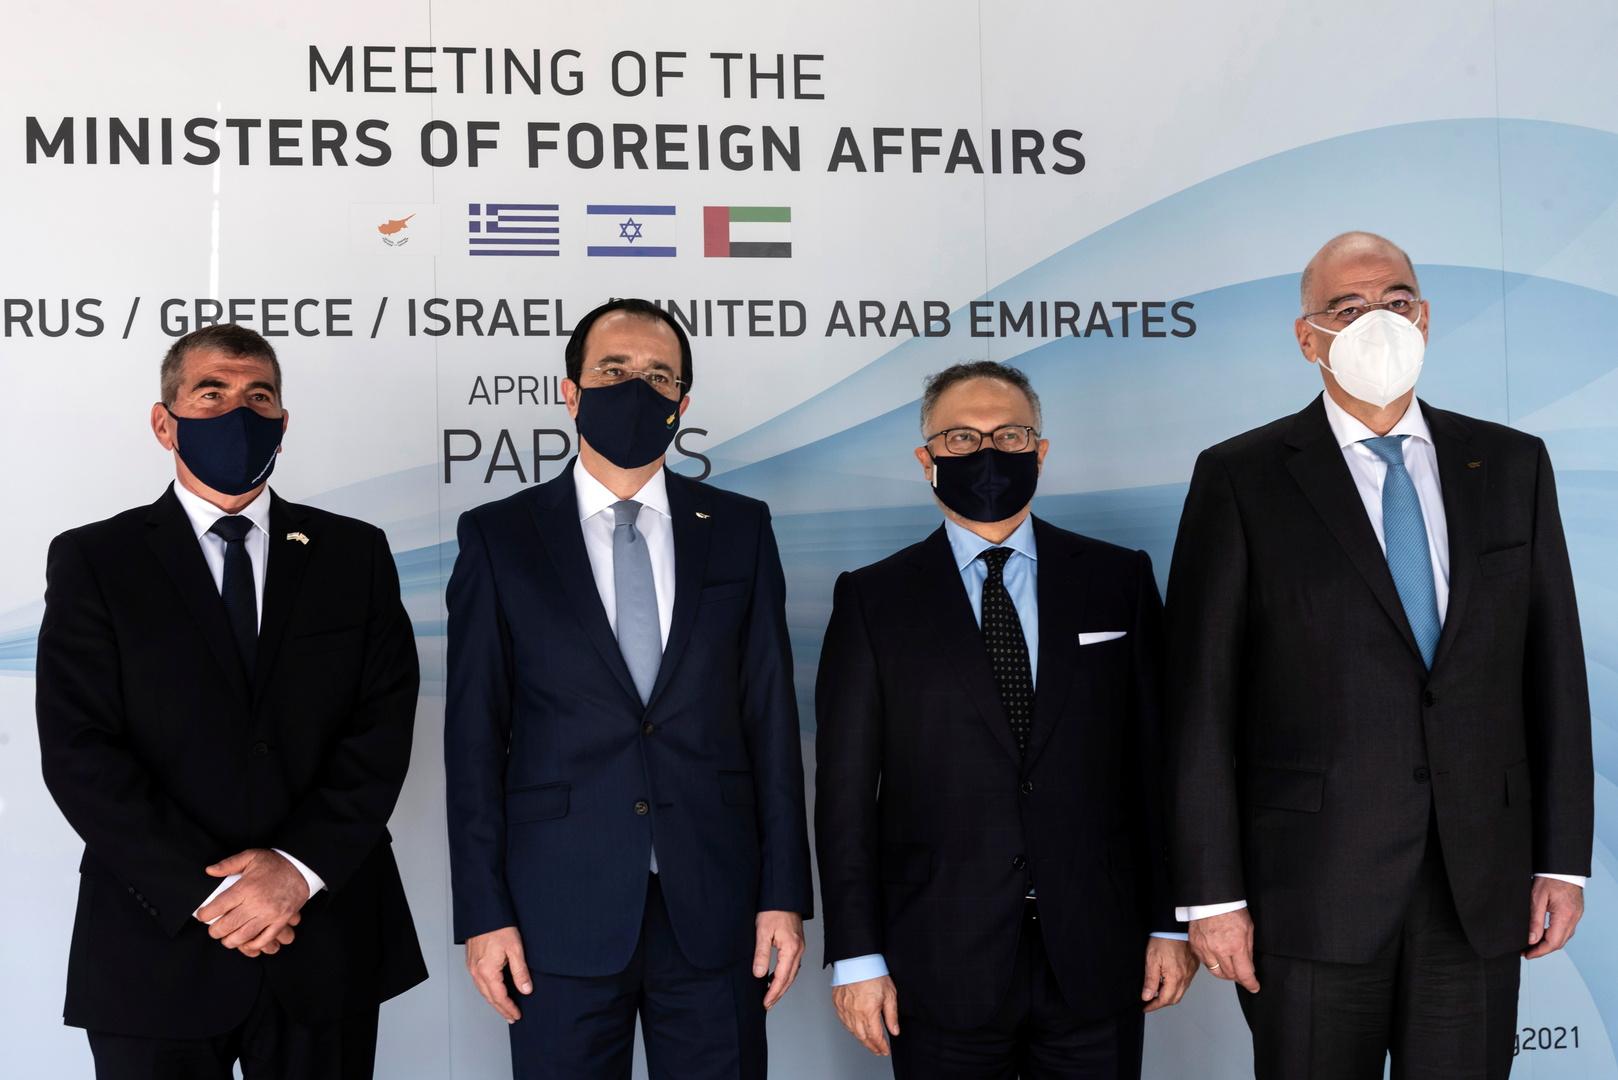 الخارجية اليونانية: الشراكة بين الإمارات وإسرائيل مهمة جدا لكل دول المنطقة